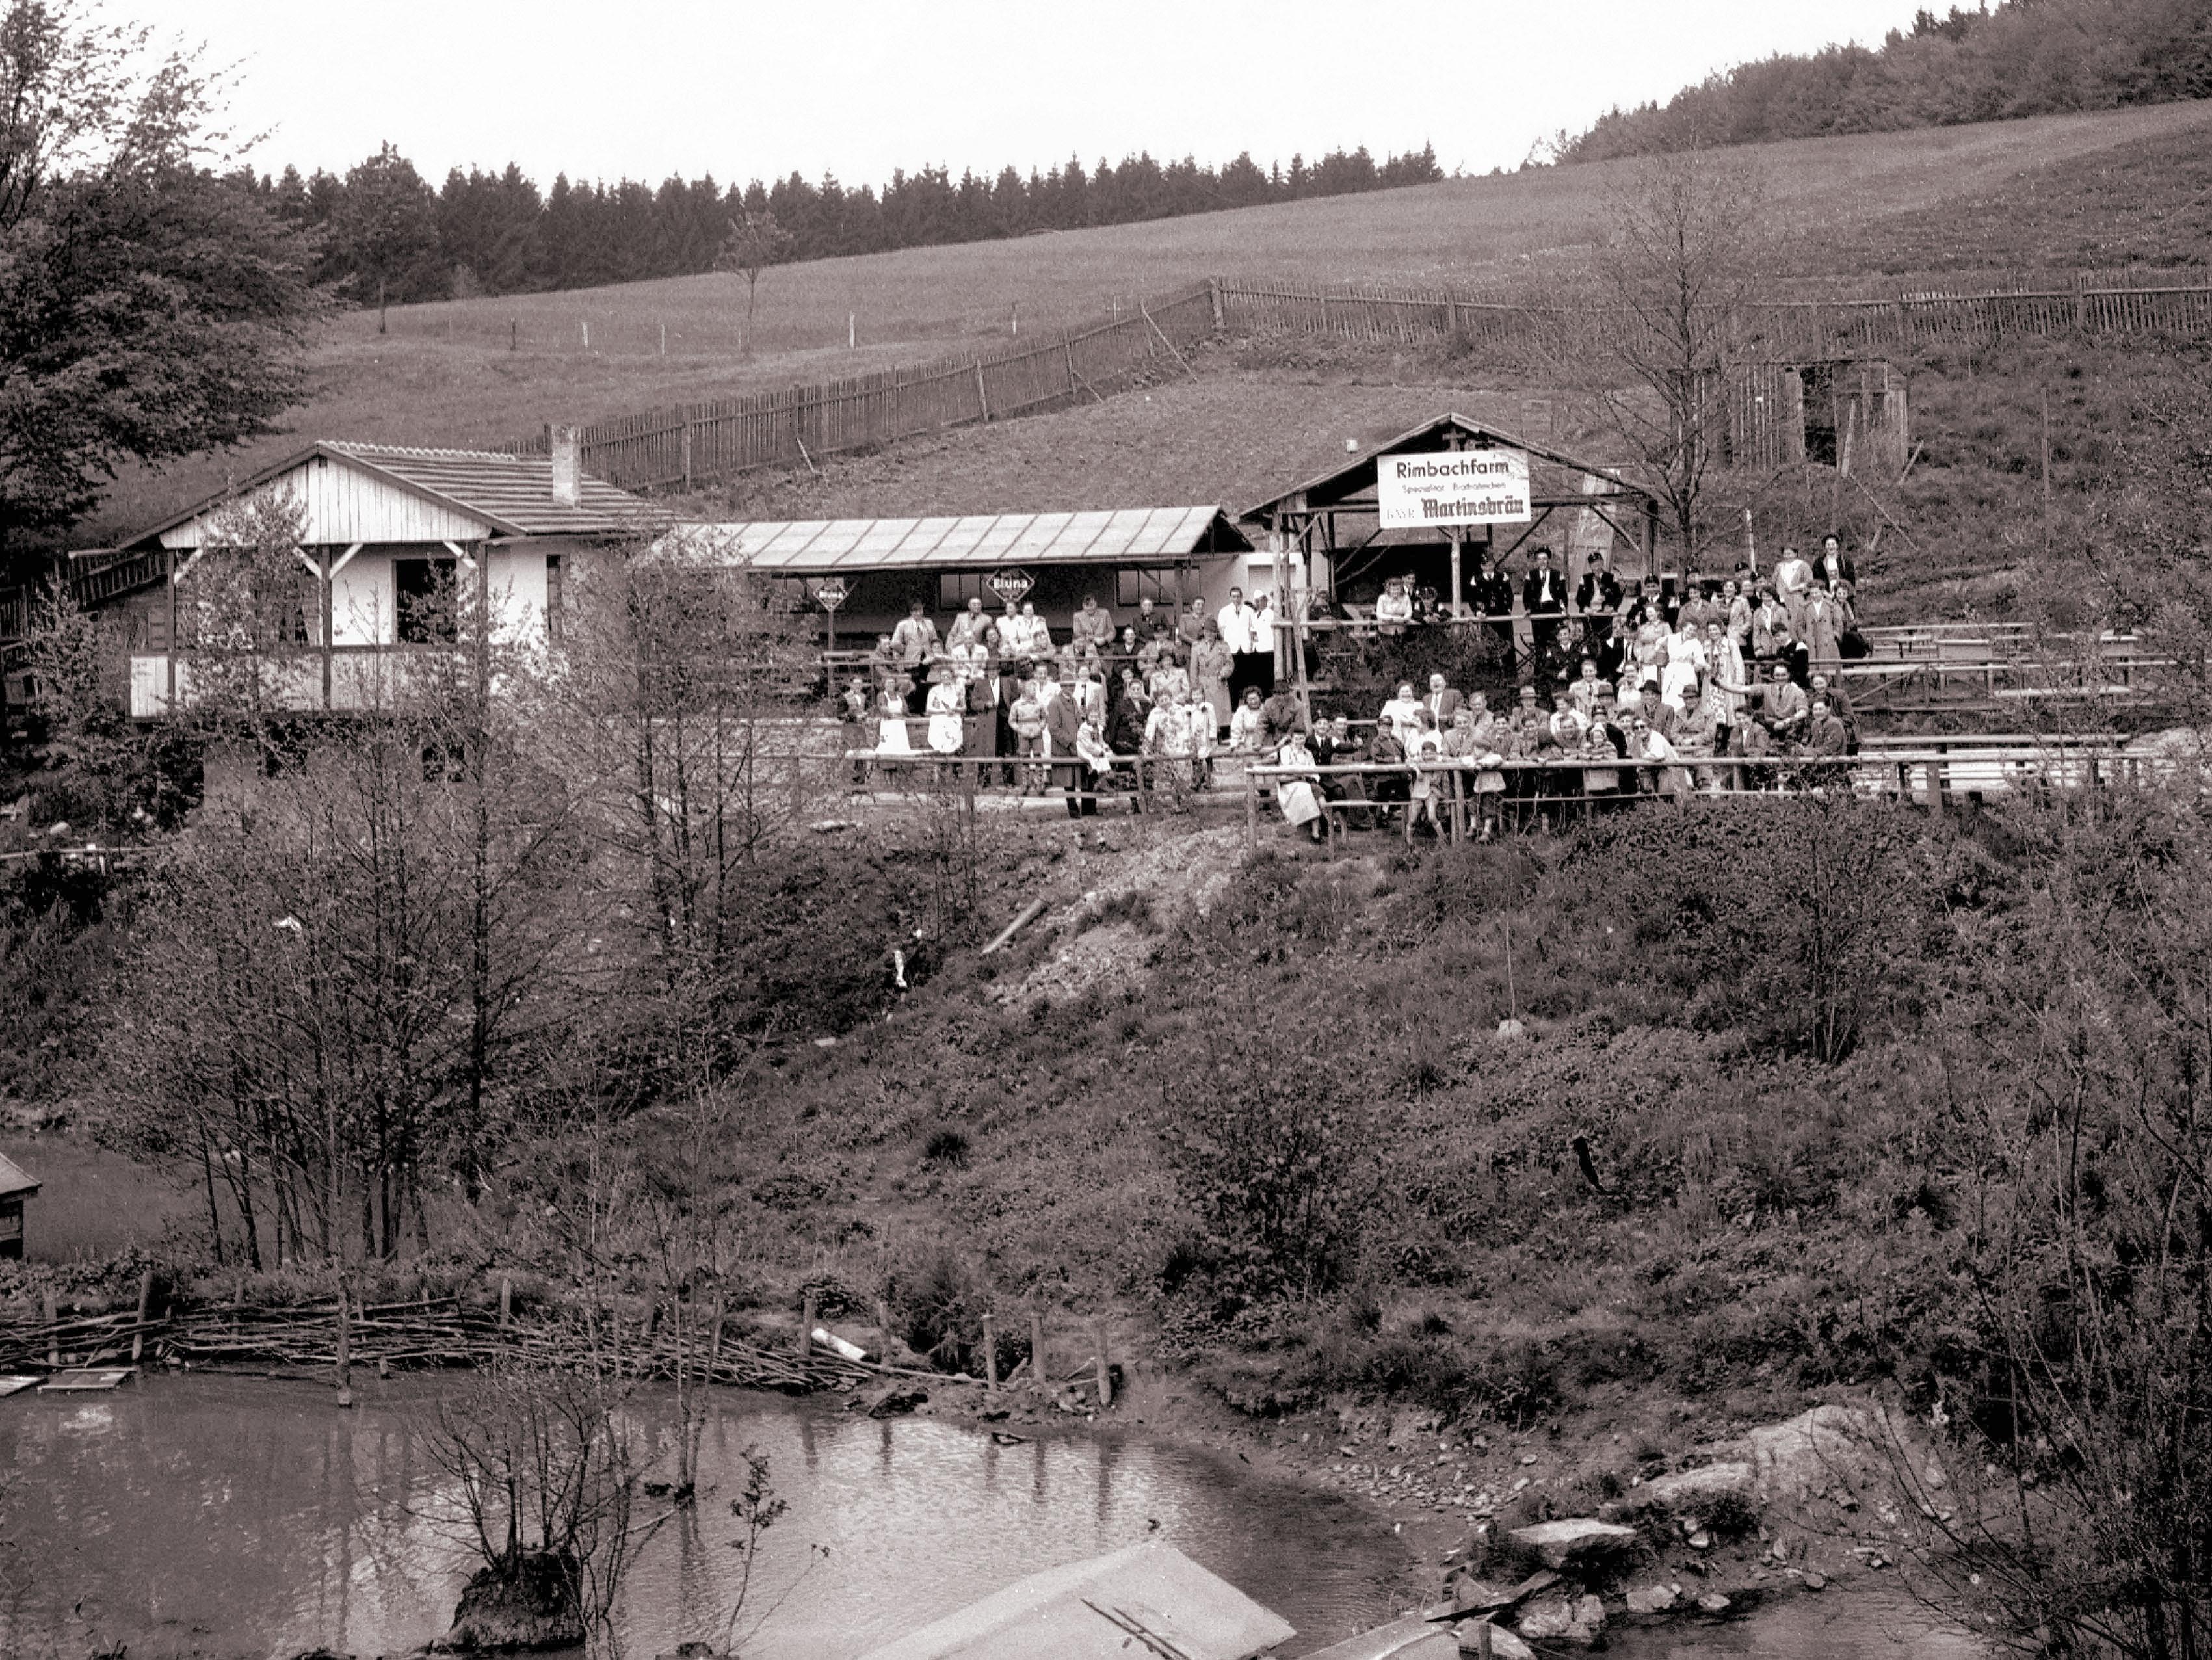 RIMBACHFARM_19541